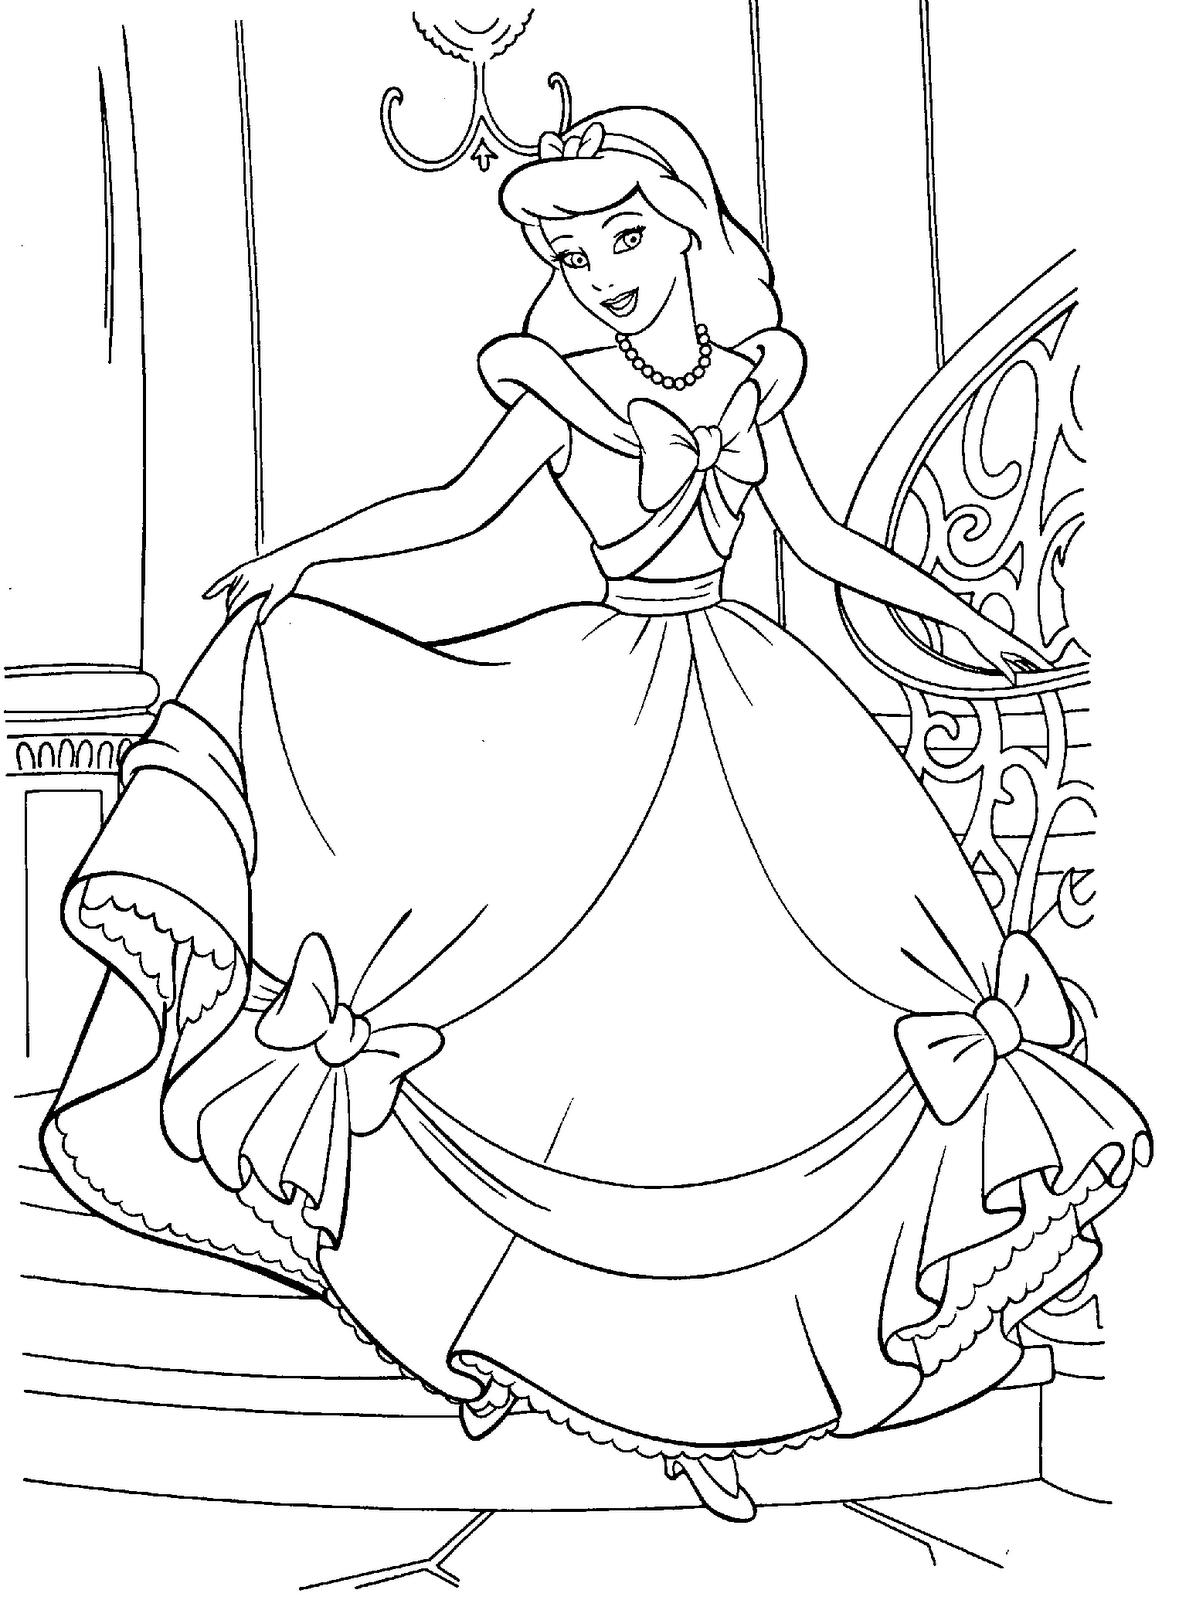 cinderella10 10.gif image   Disney prinzessin malvorlagen ...